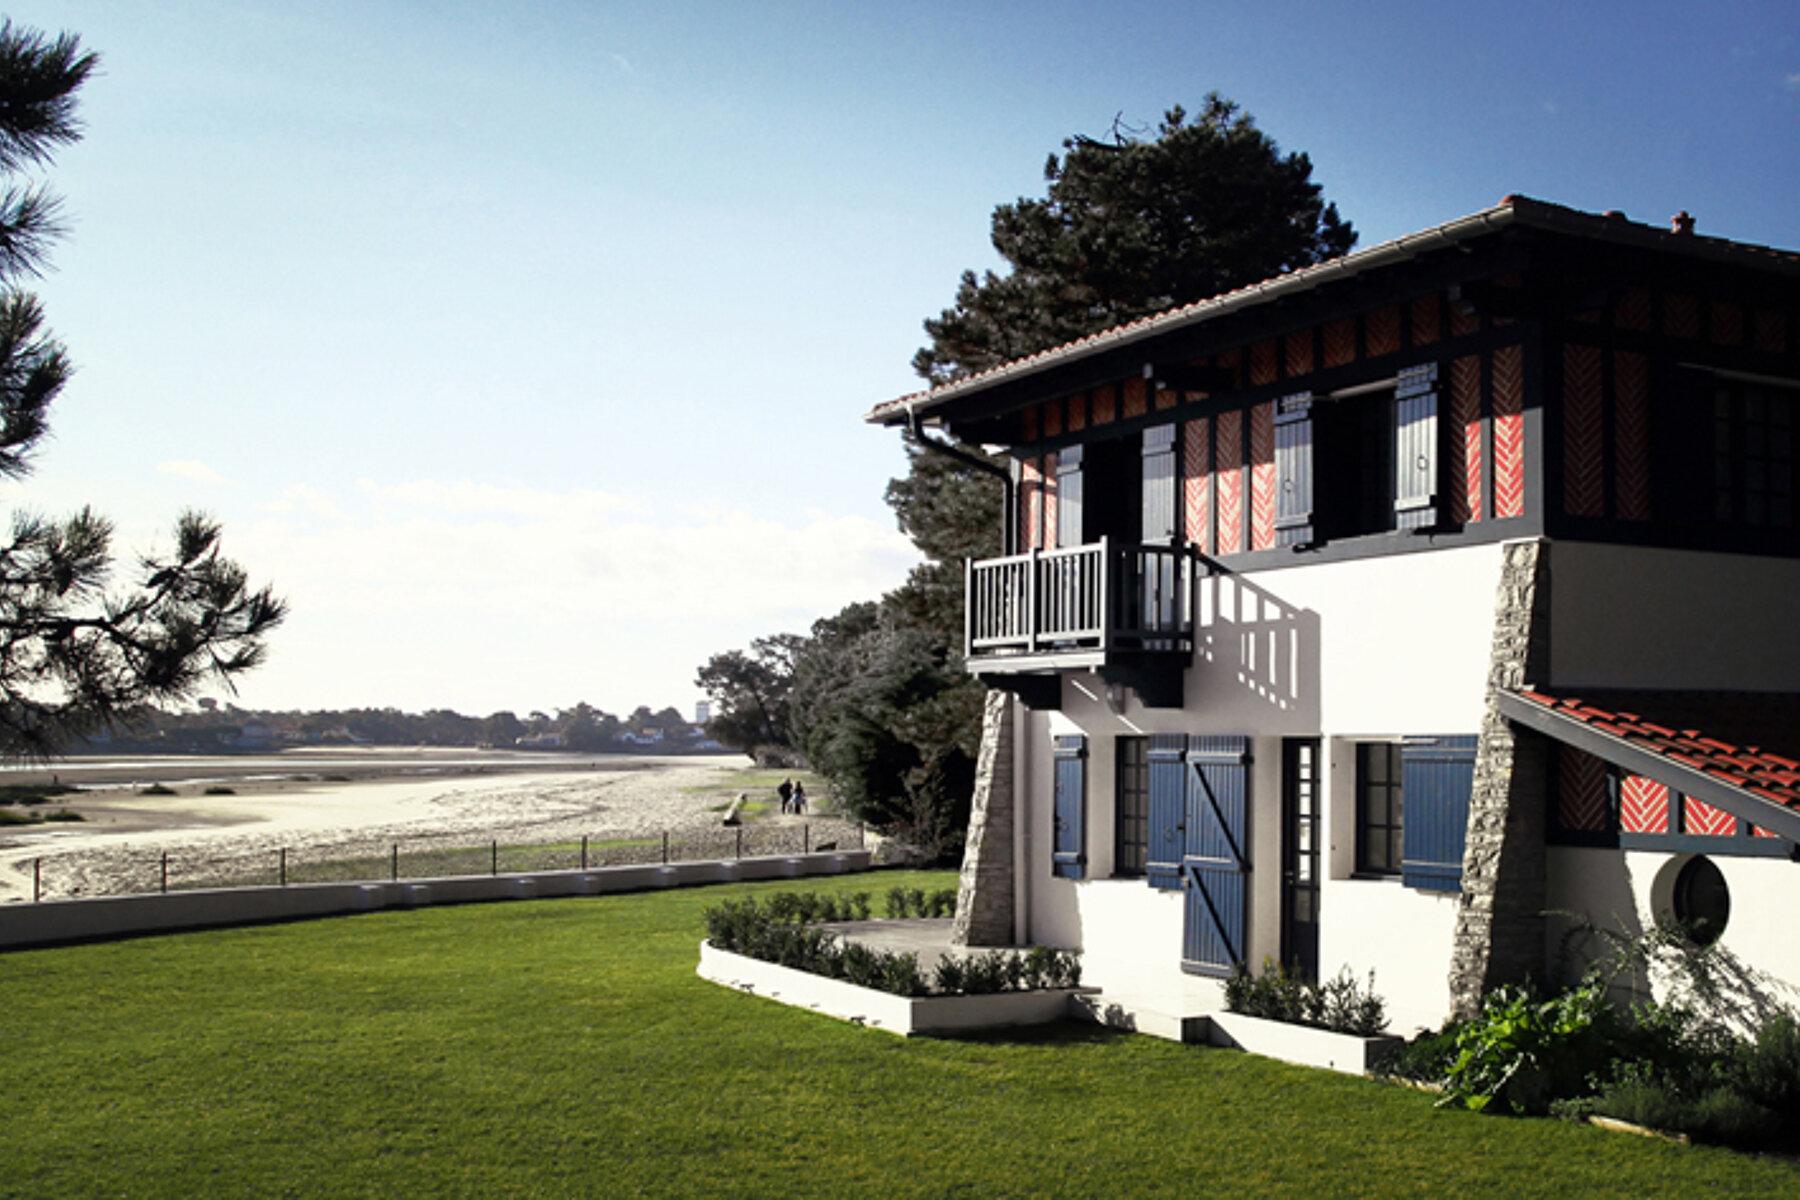 Couverture de Cyril DULAU architecte